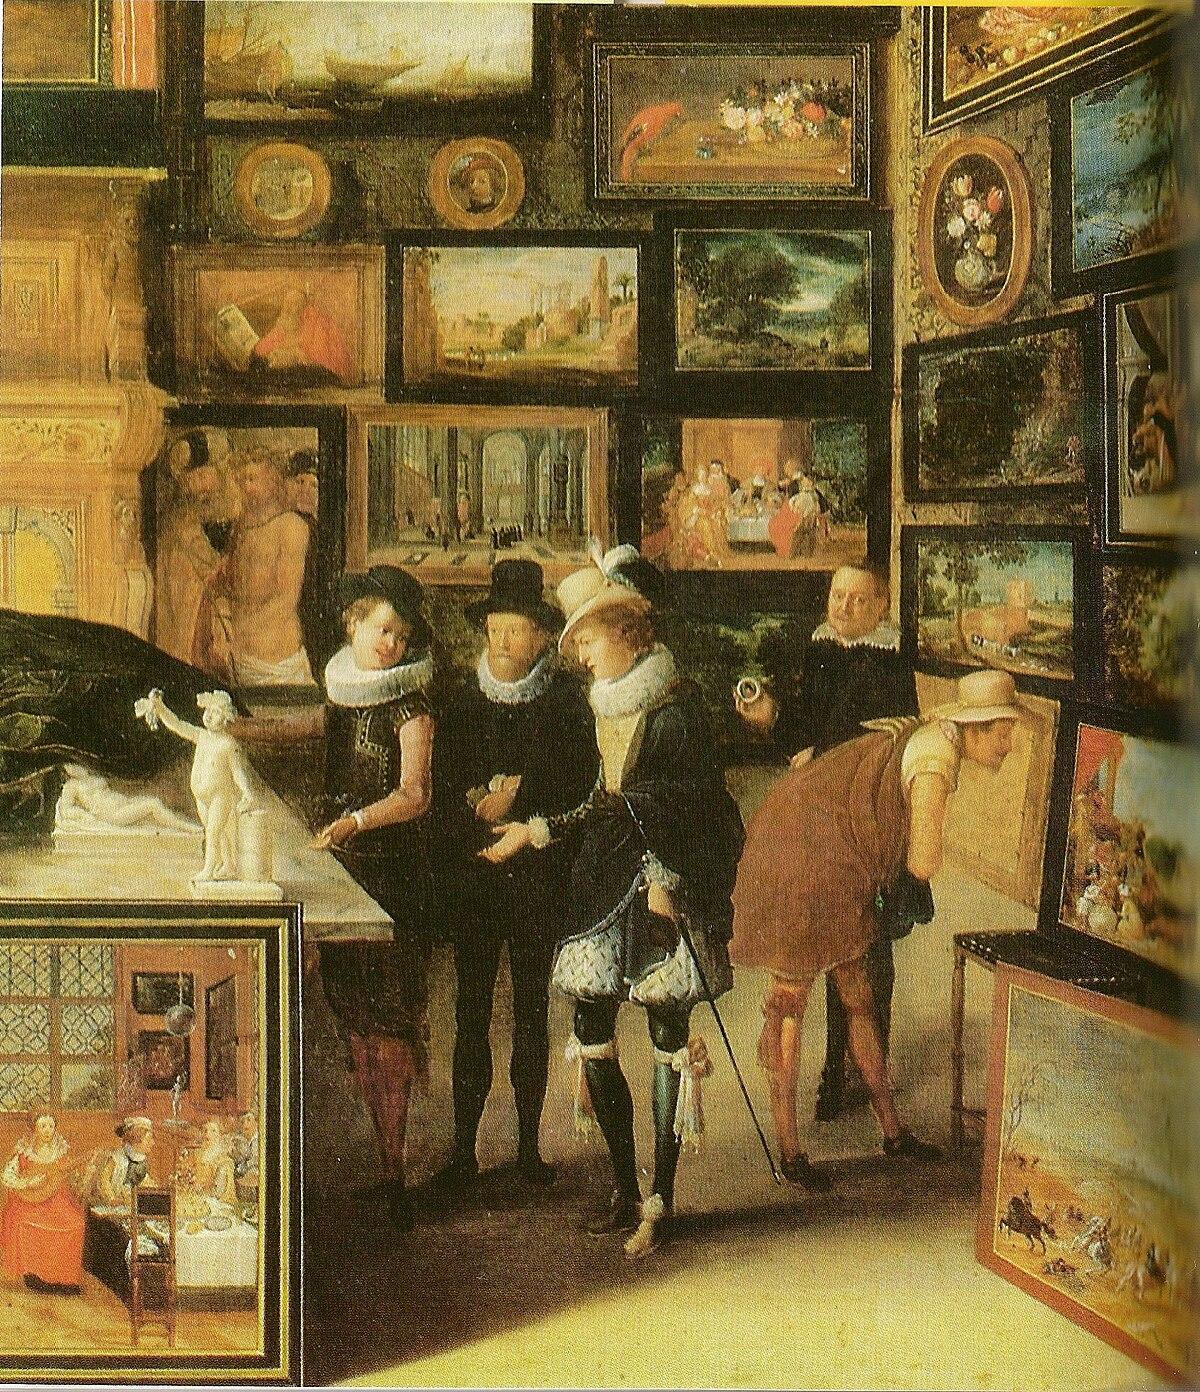 Galeria Pinturas De Arte: Wikipedia, La Enciclopedia Libre